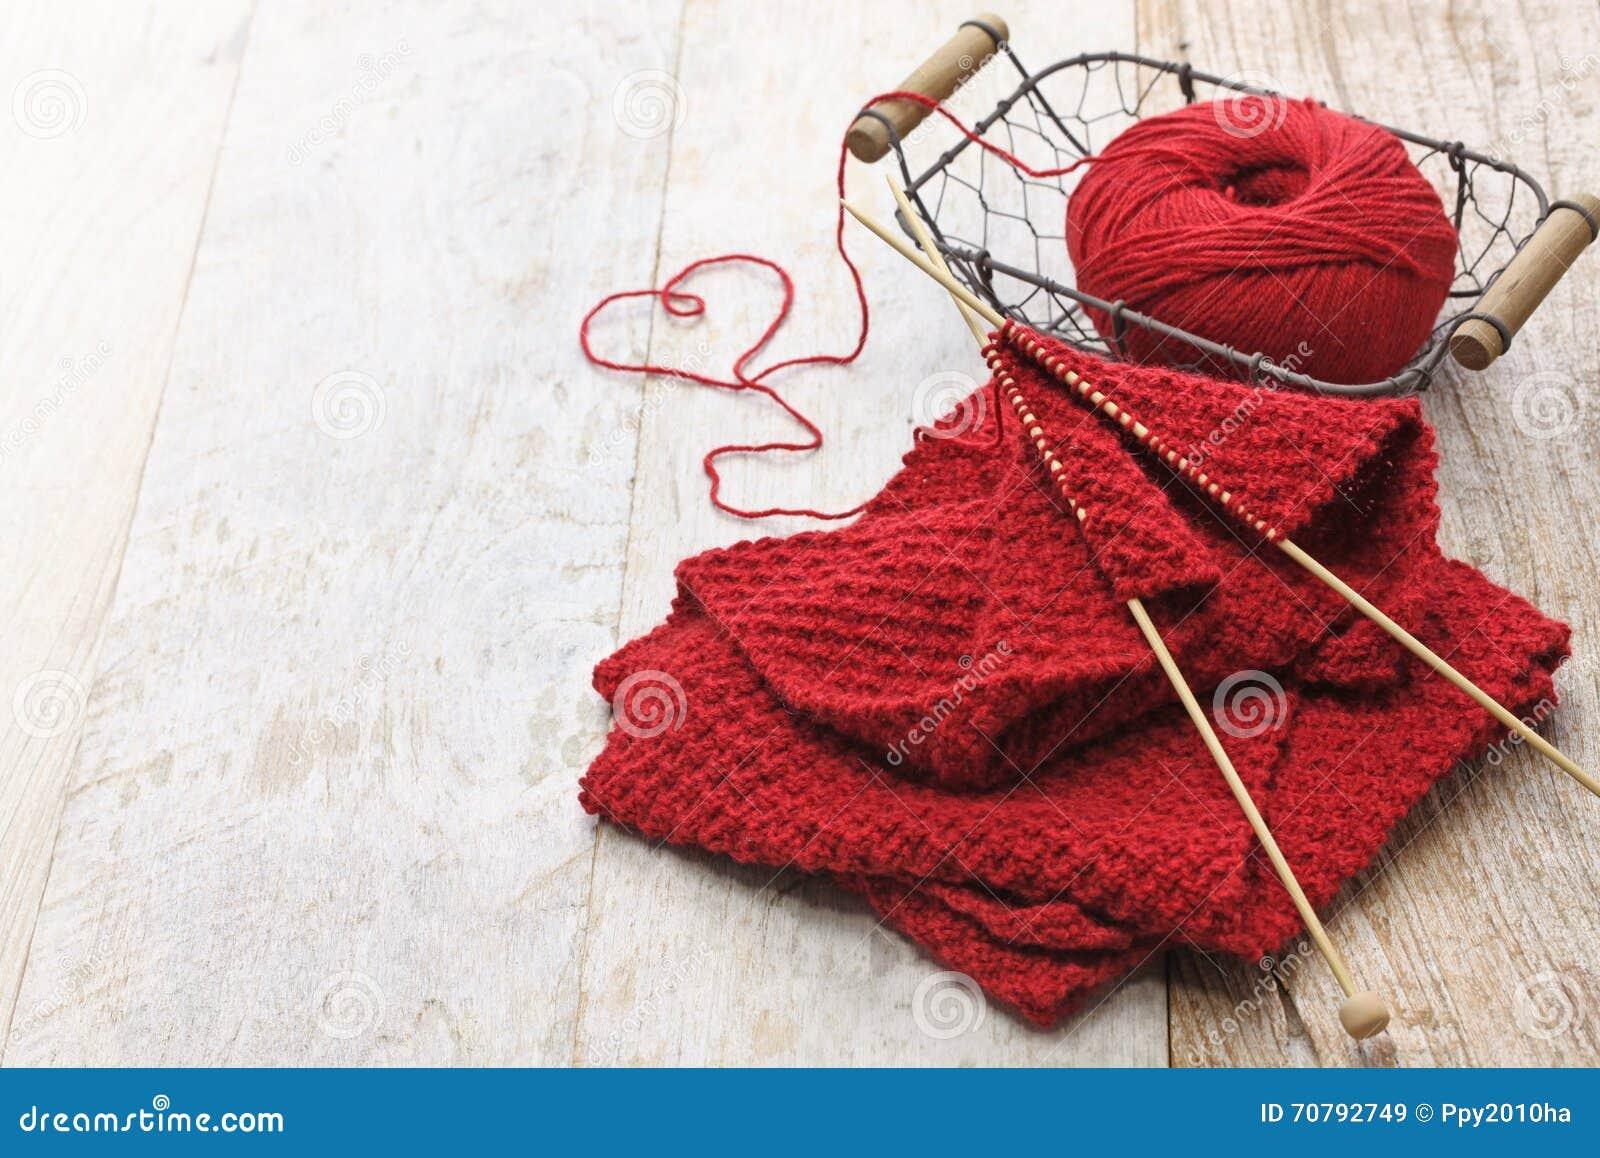 手工编织的红色围巾和心形的螺纹图片